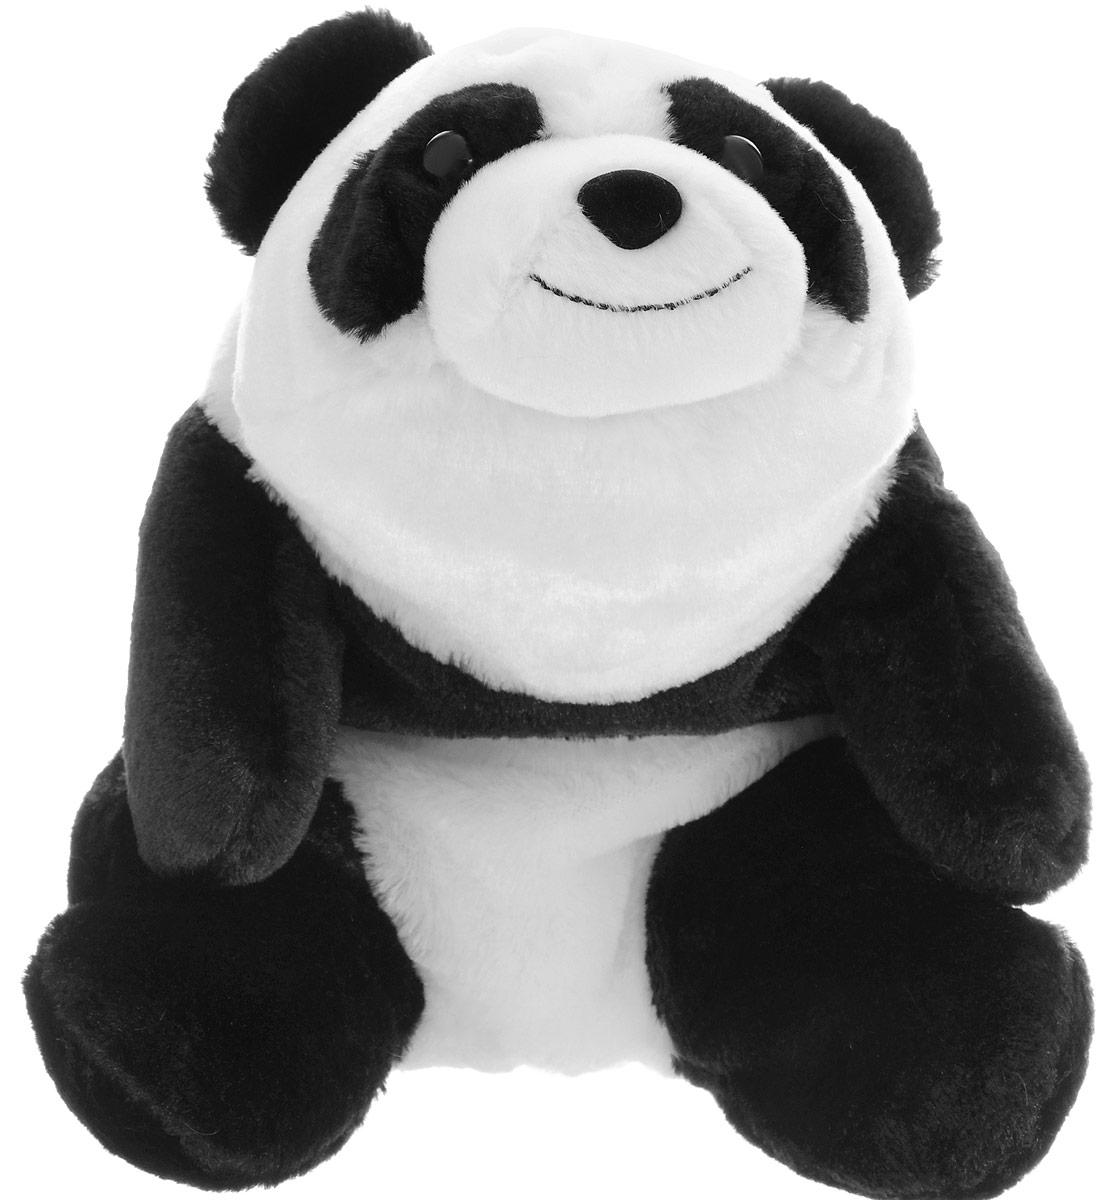 Купить Игрушка мягкая Gund Snuffles Panda , цвет: черный, белый, 26 см. 4040201, Enesco